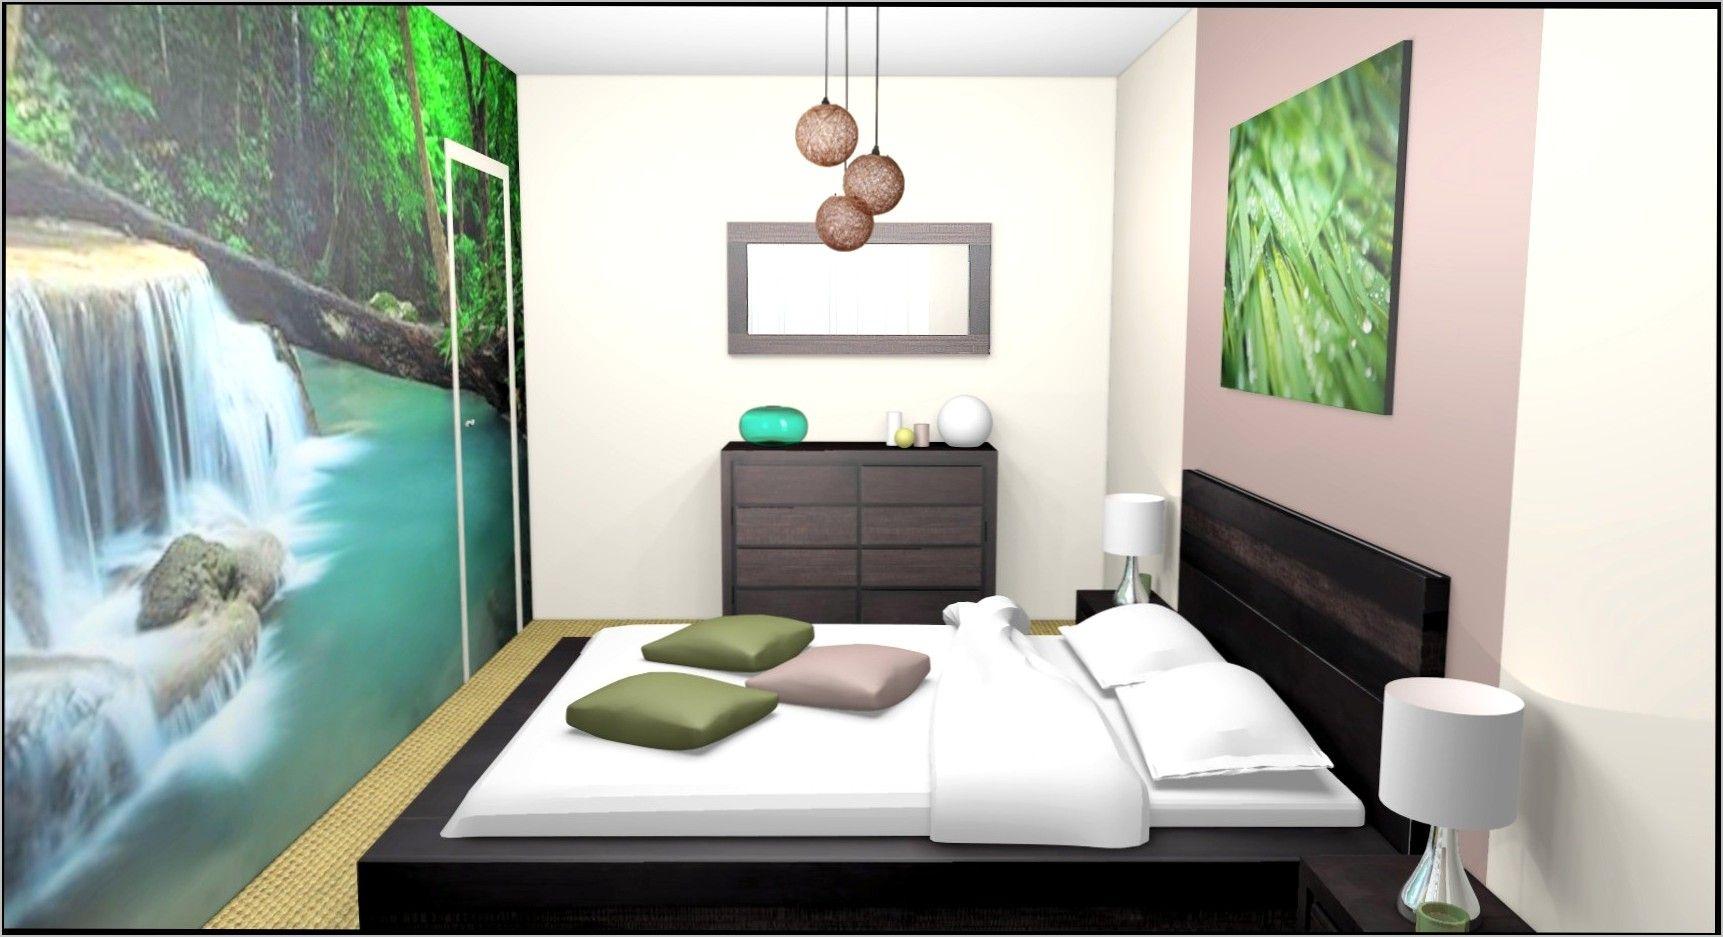 Deco Chambre Ado Vert Et Gris Deco Chambre Zen Deco Chambre Chambre Zen